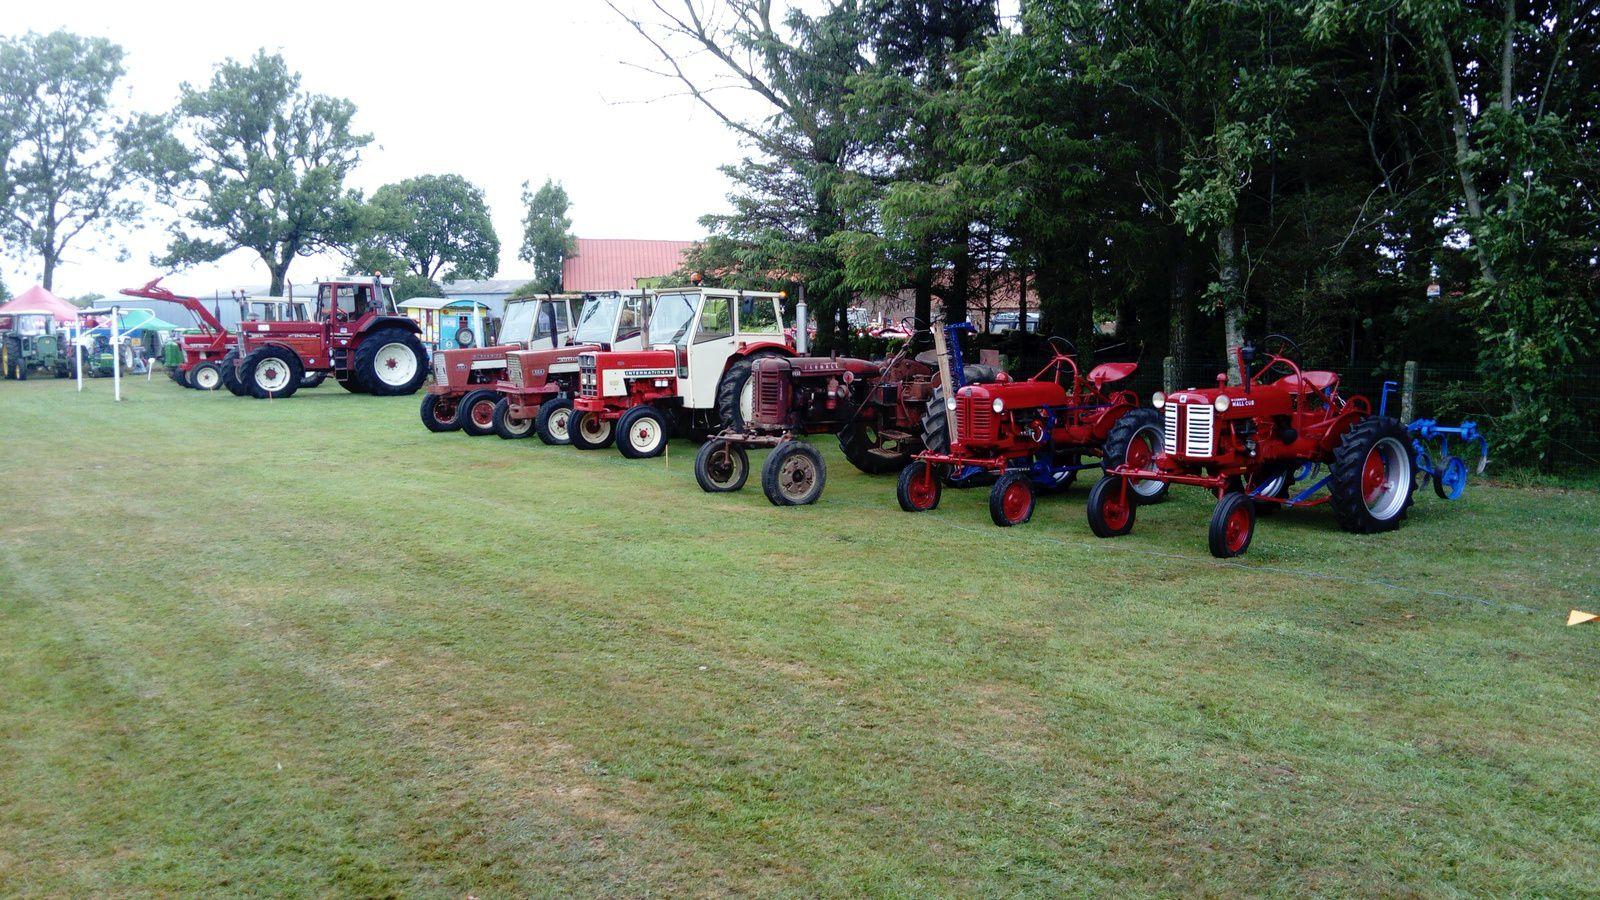 Les tracteurs rouges pas très représentés cette année, je suis un peu déçu.